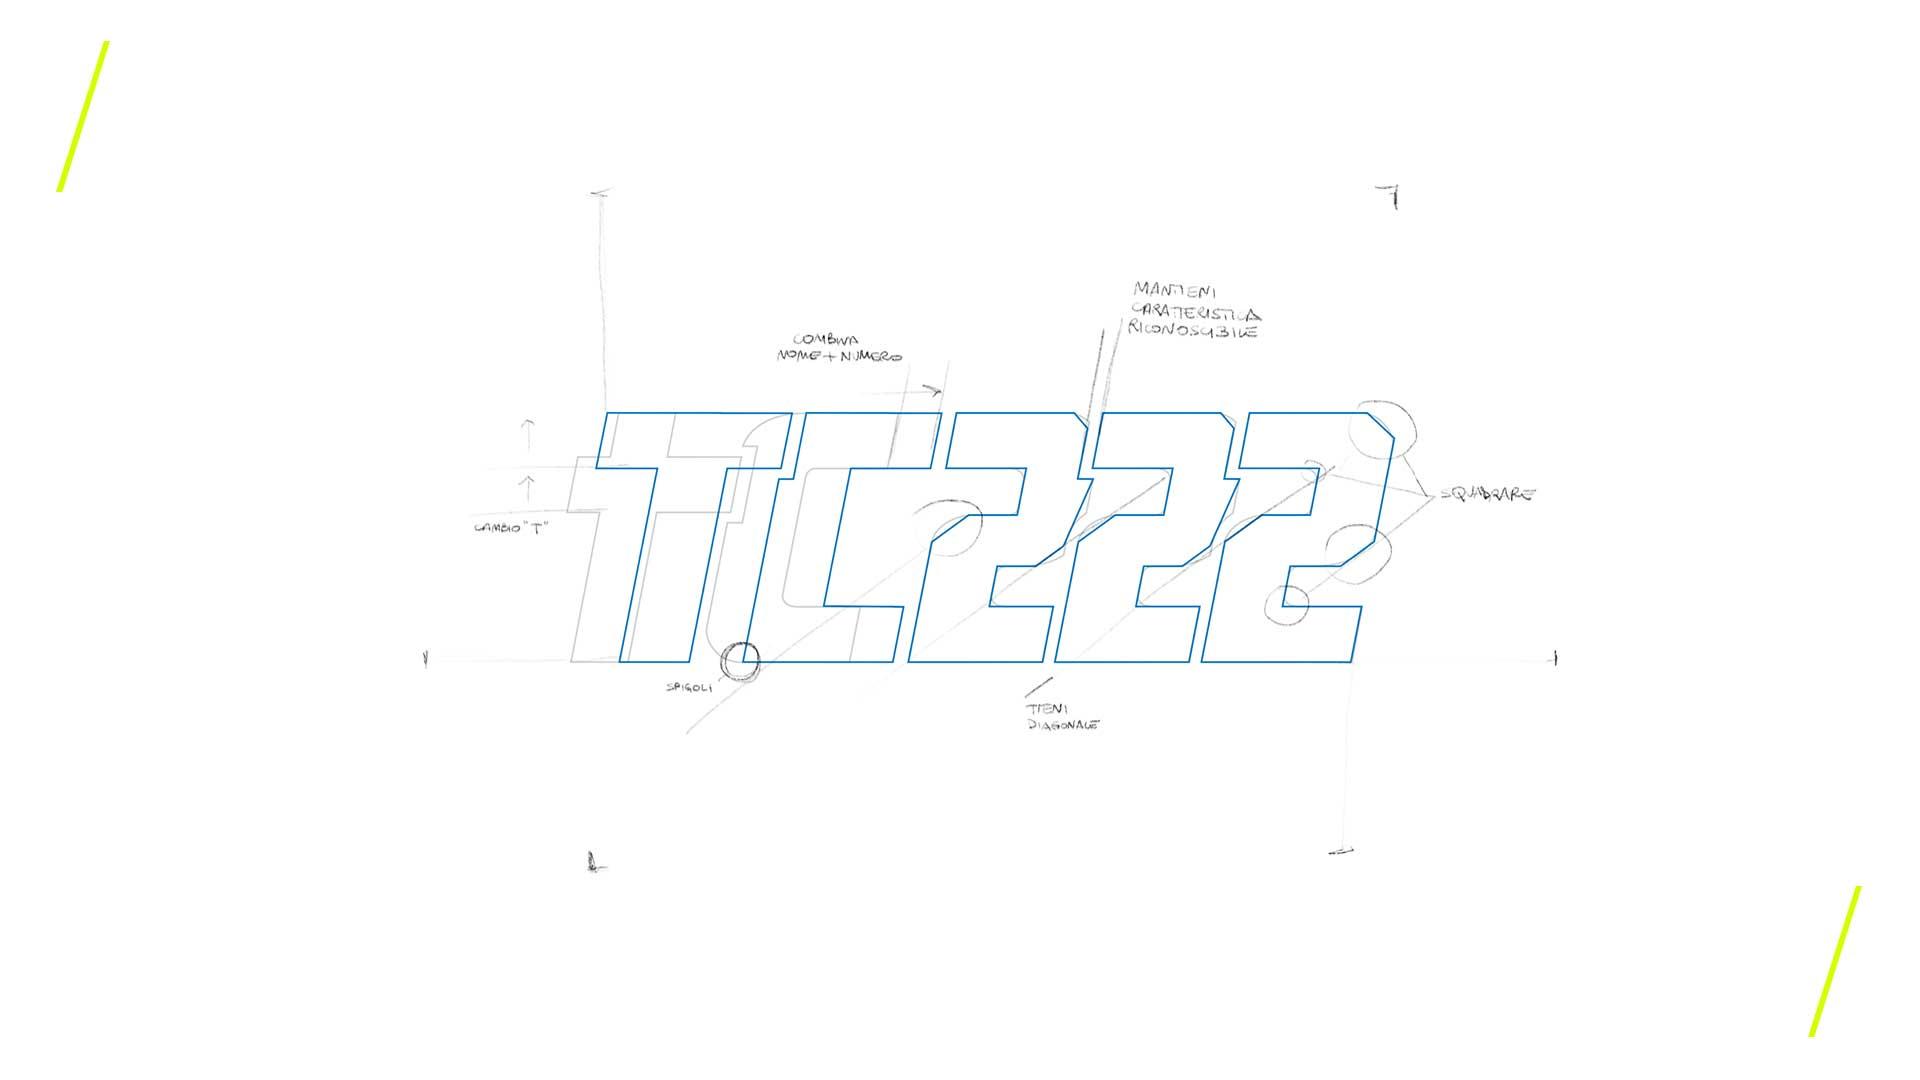 tc 222 design